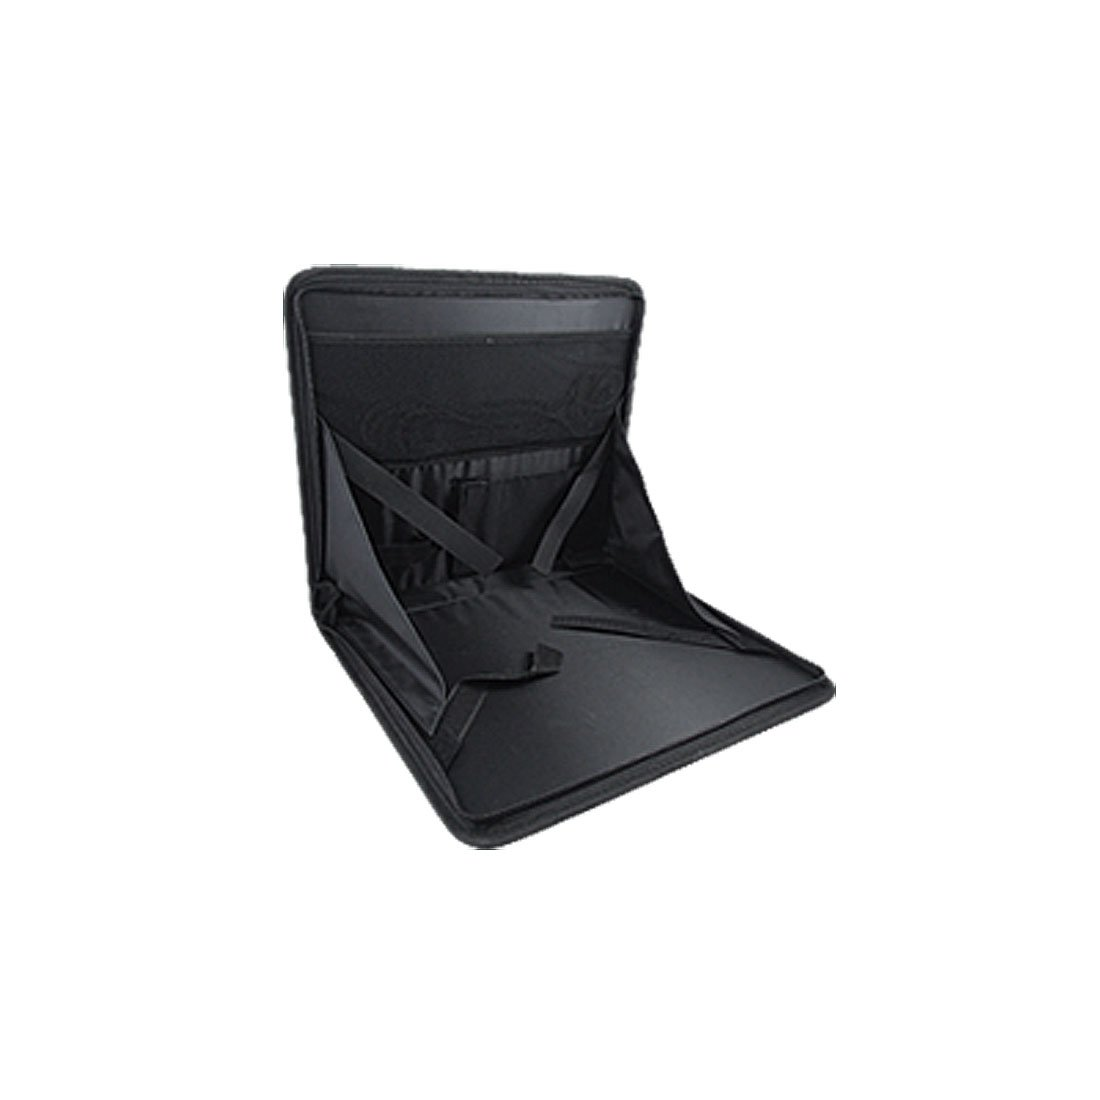 Siège auto pliable Plateau alimentaire Table support pour ordinateur portable Noir